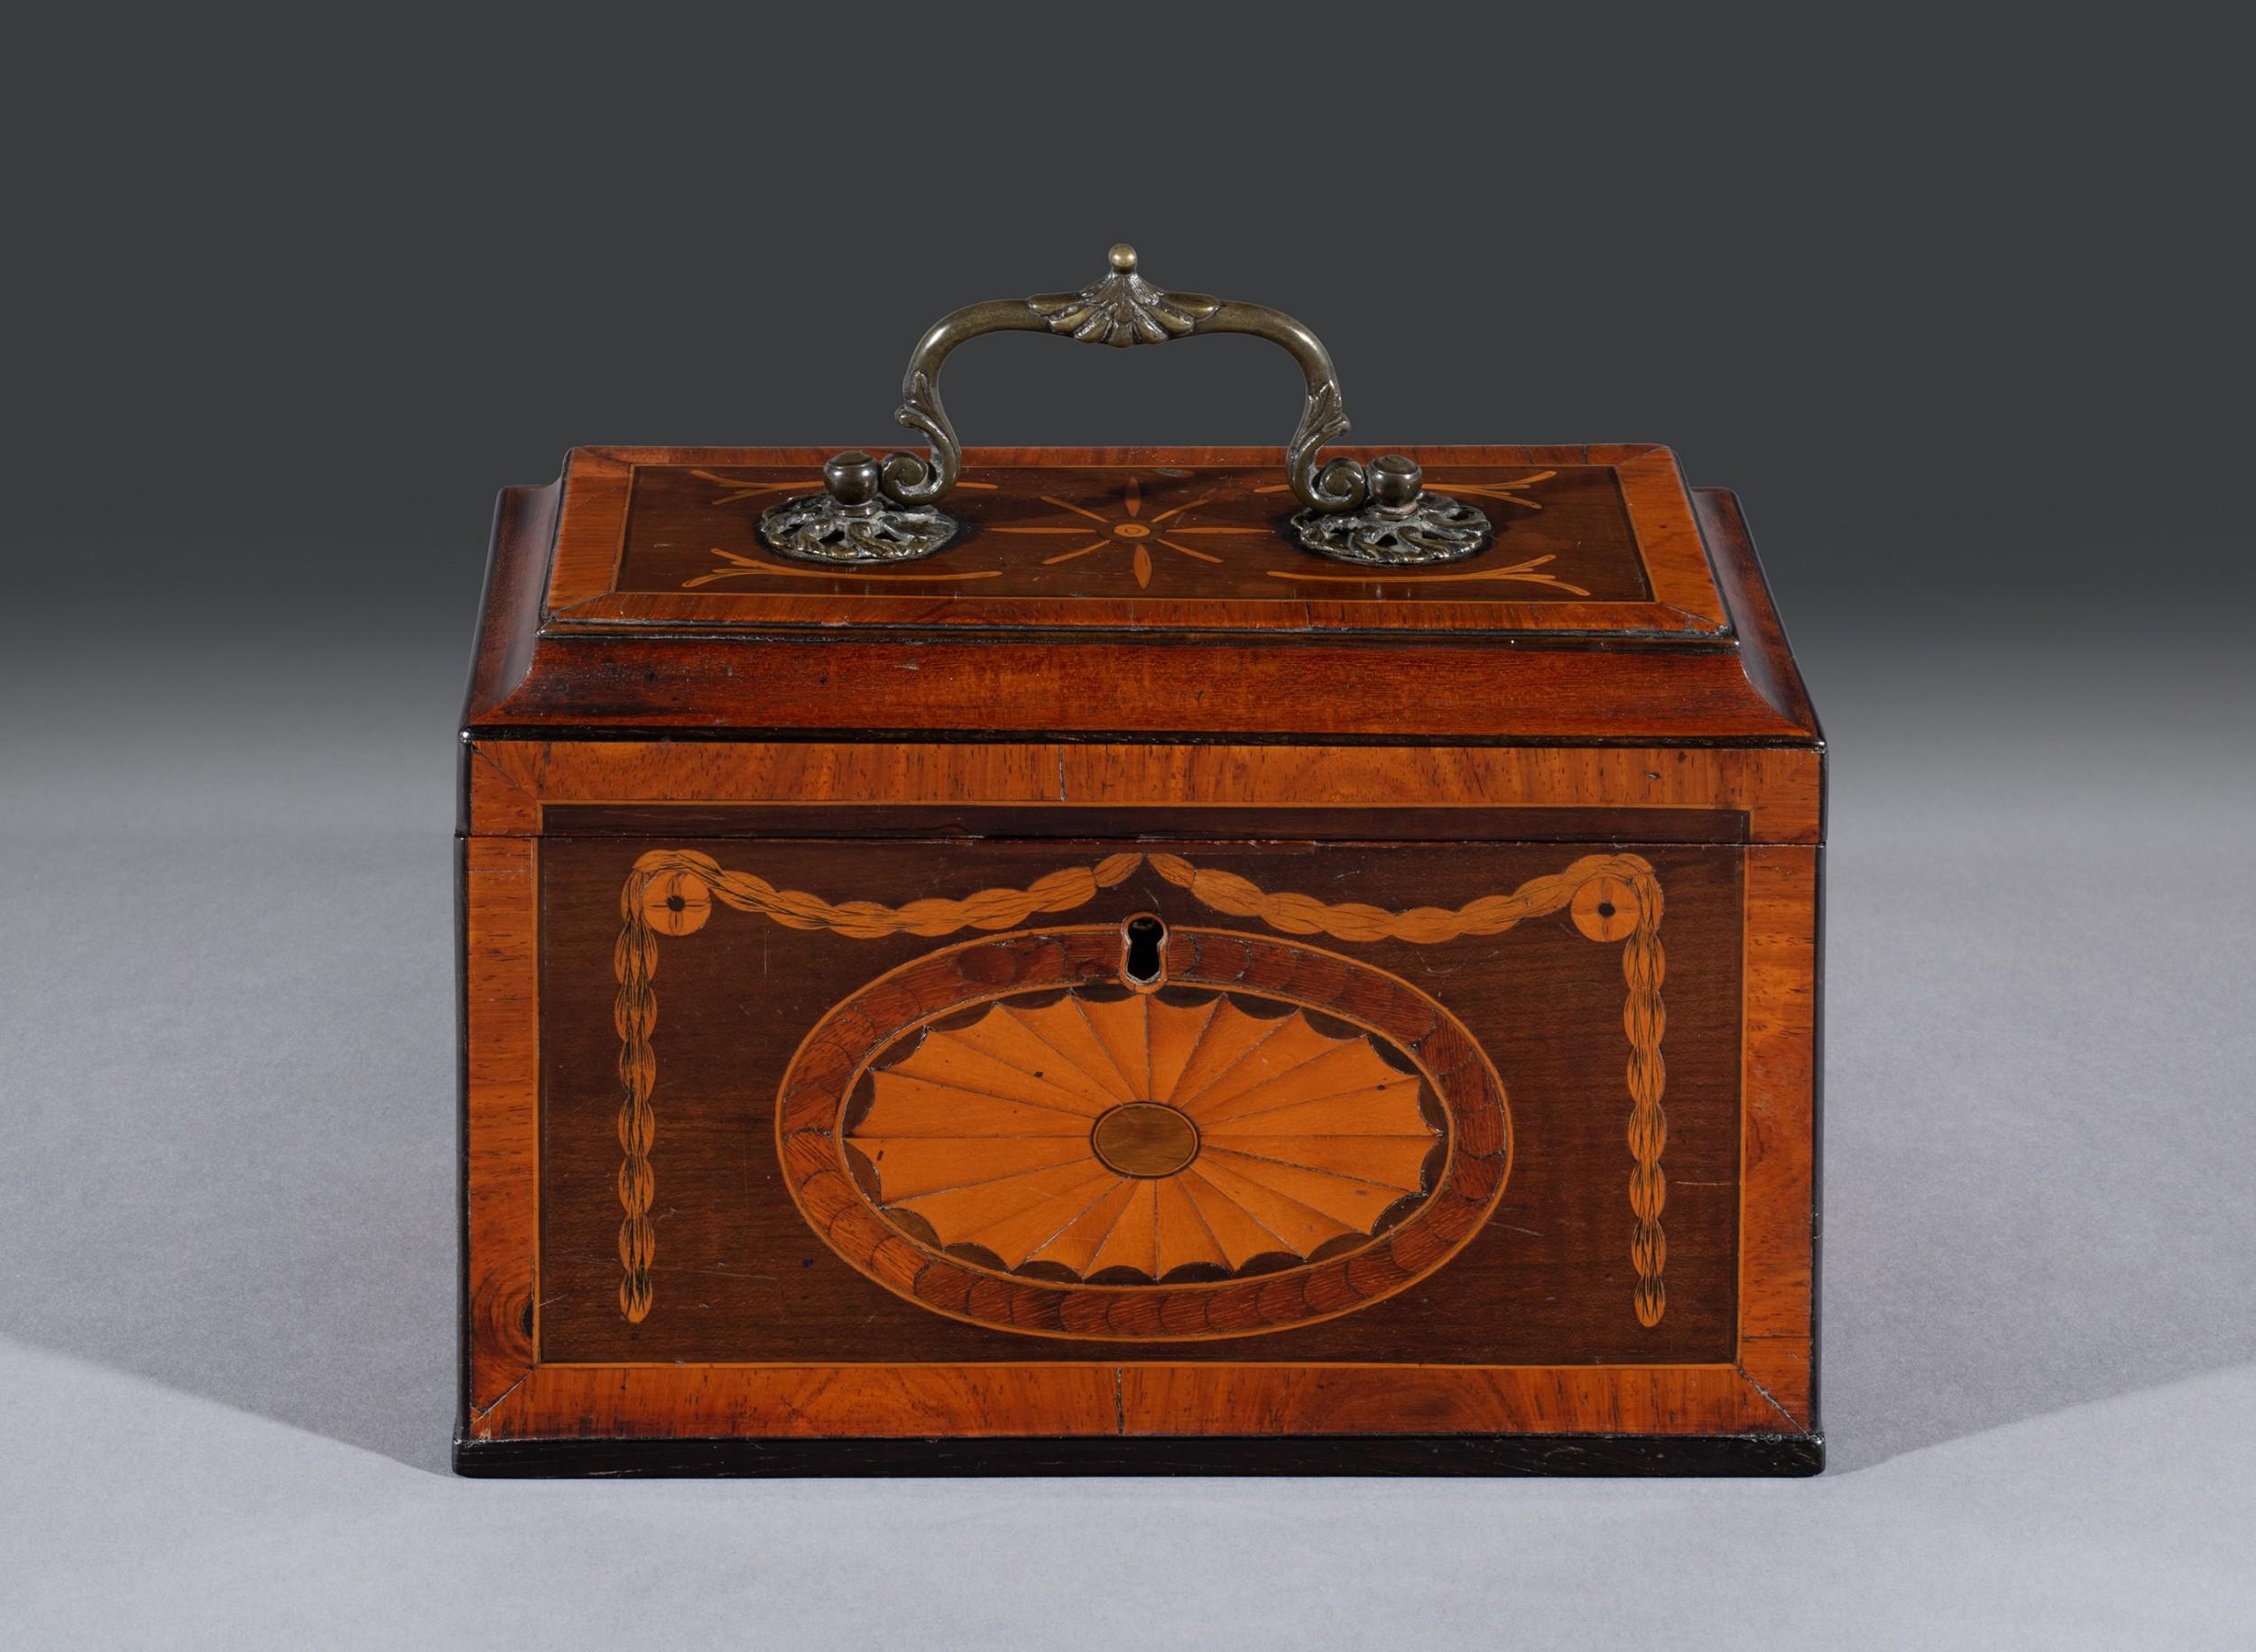 18th century inlaid tea chest